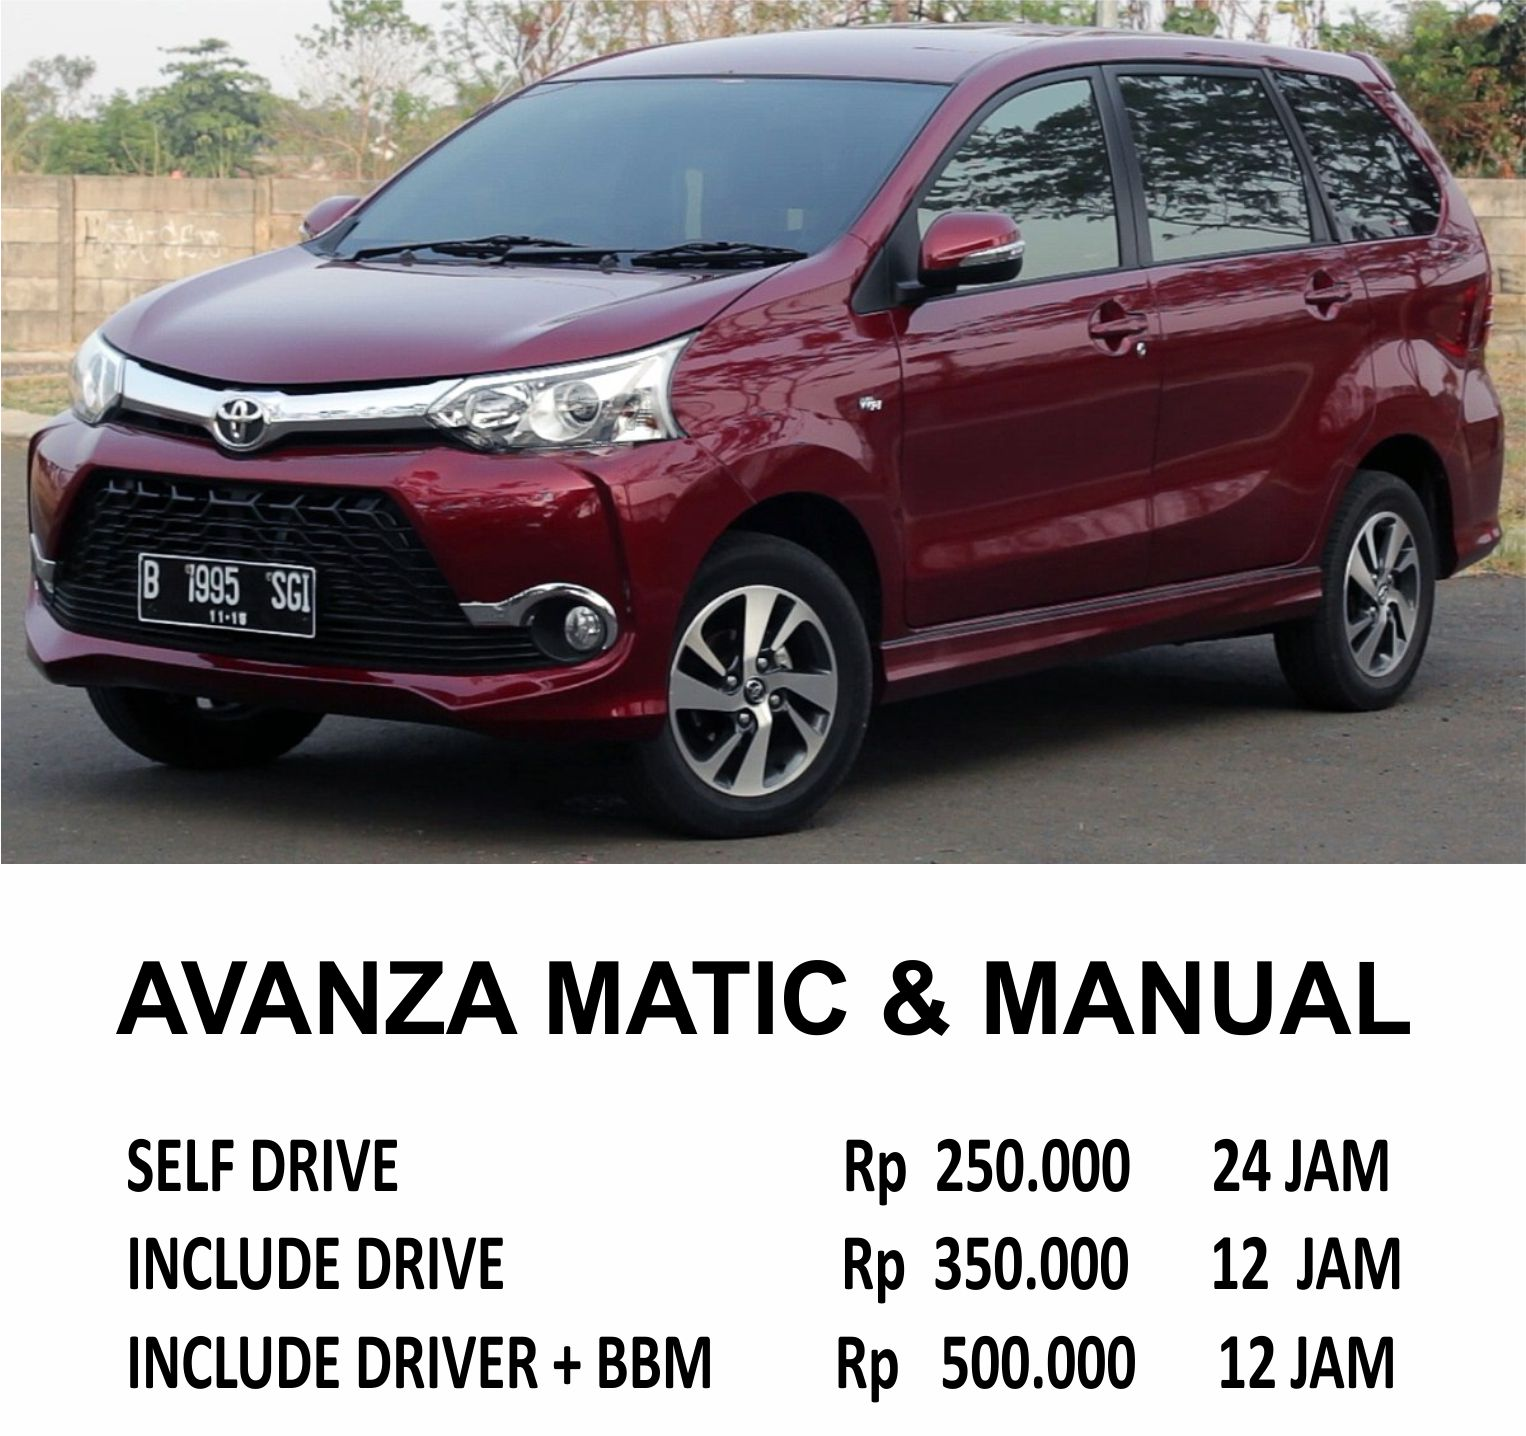 konsumsi bbm grand new avanza 2018 cover ban serep sewa mobil toyota belitung rekreasi acara resmi